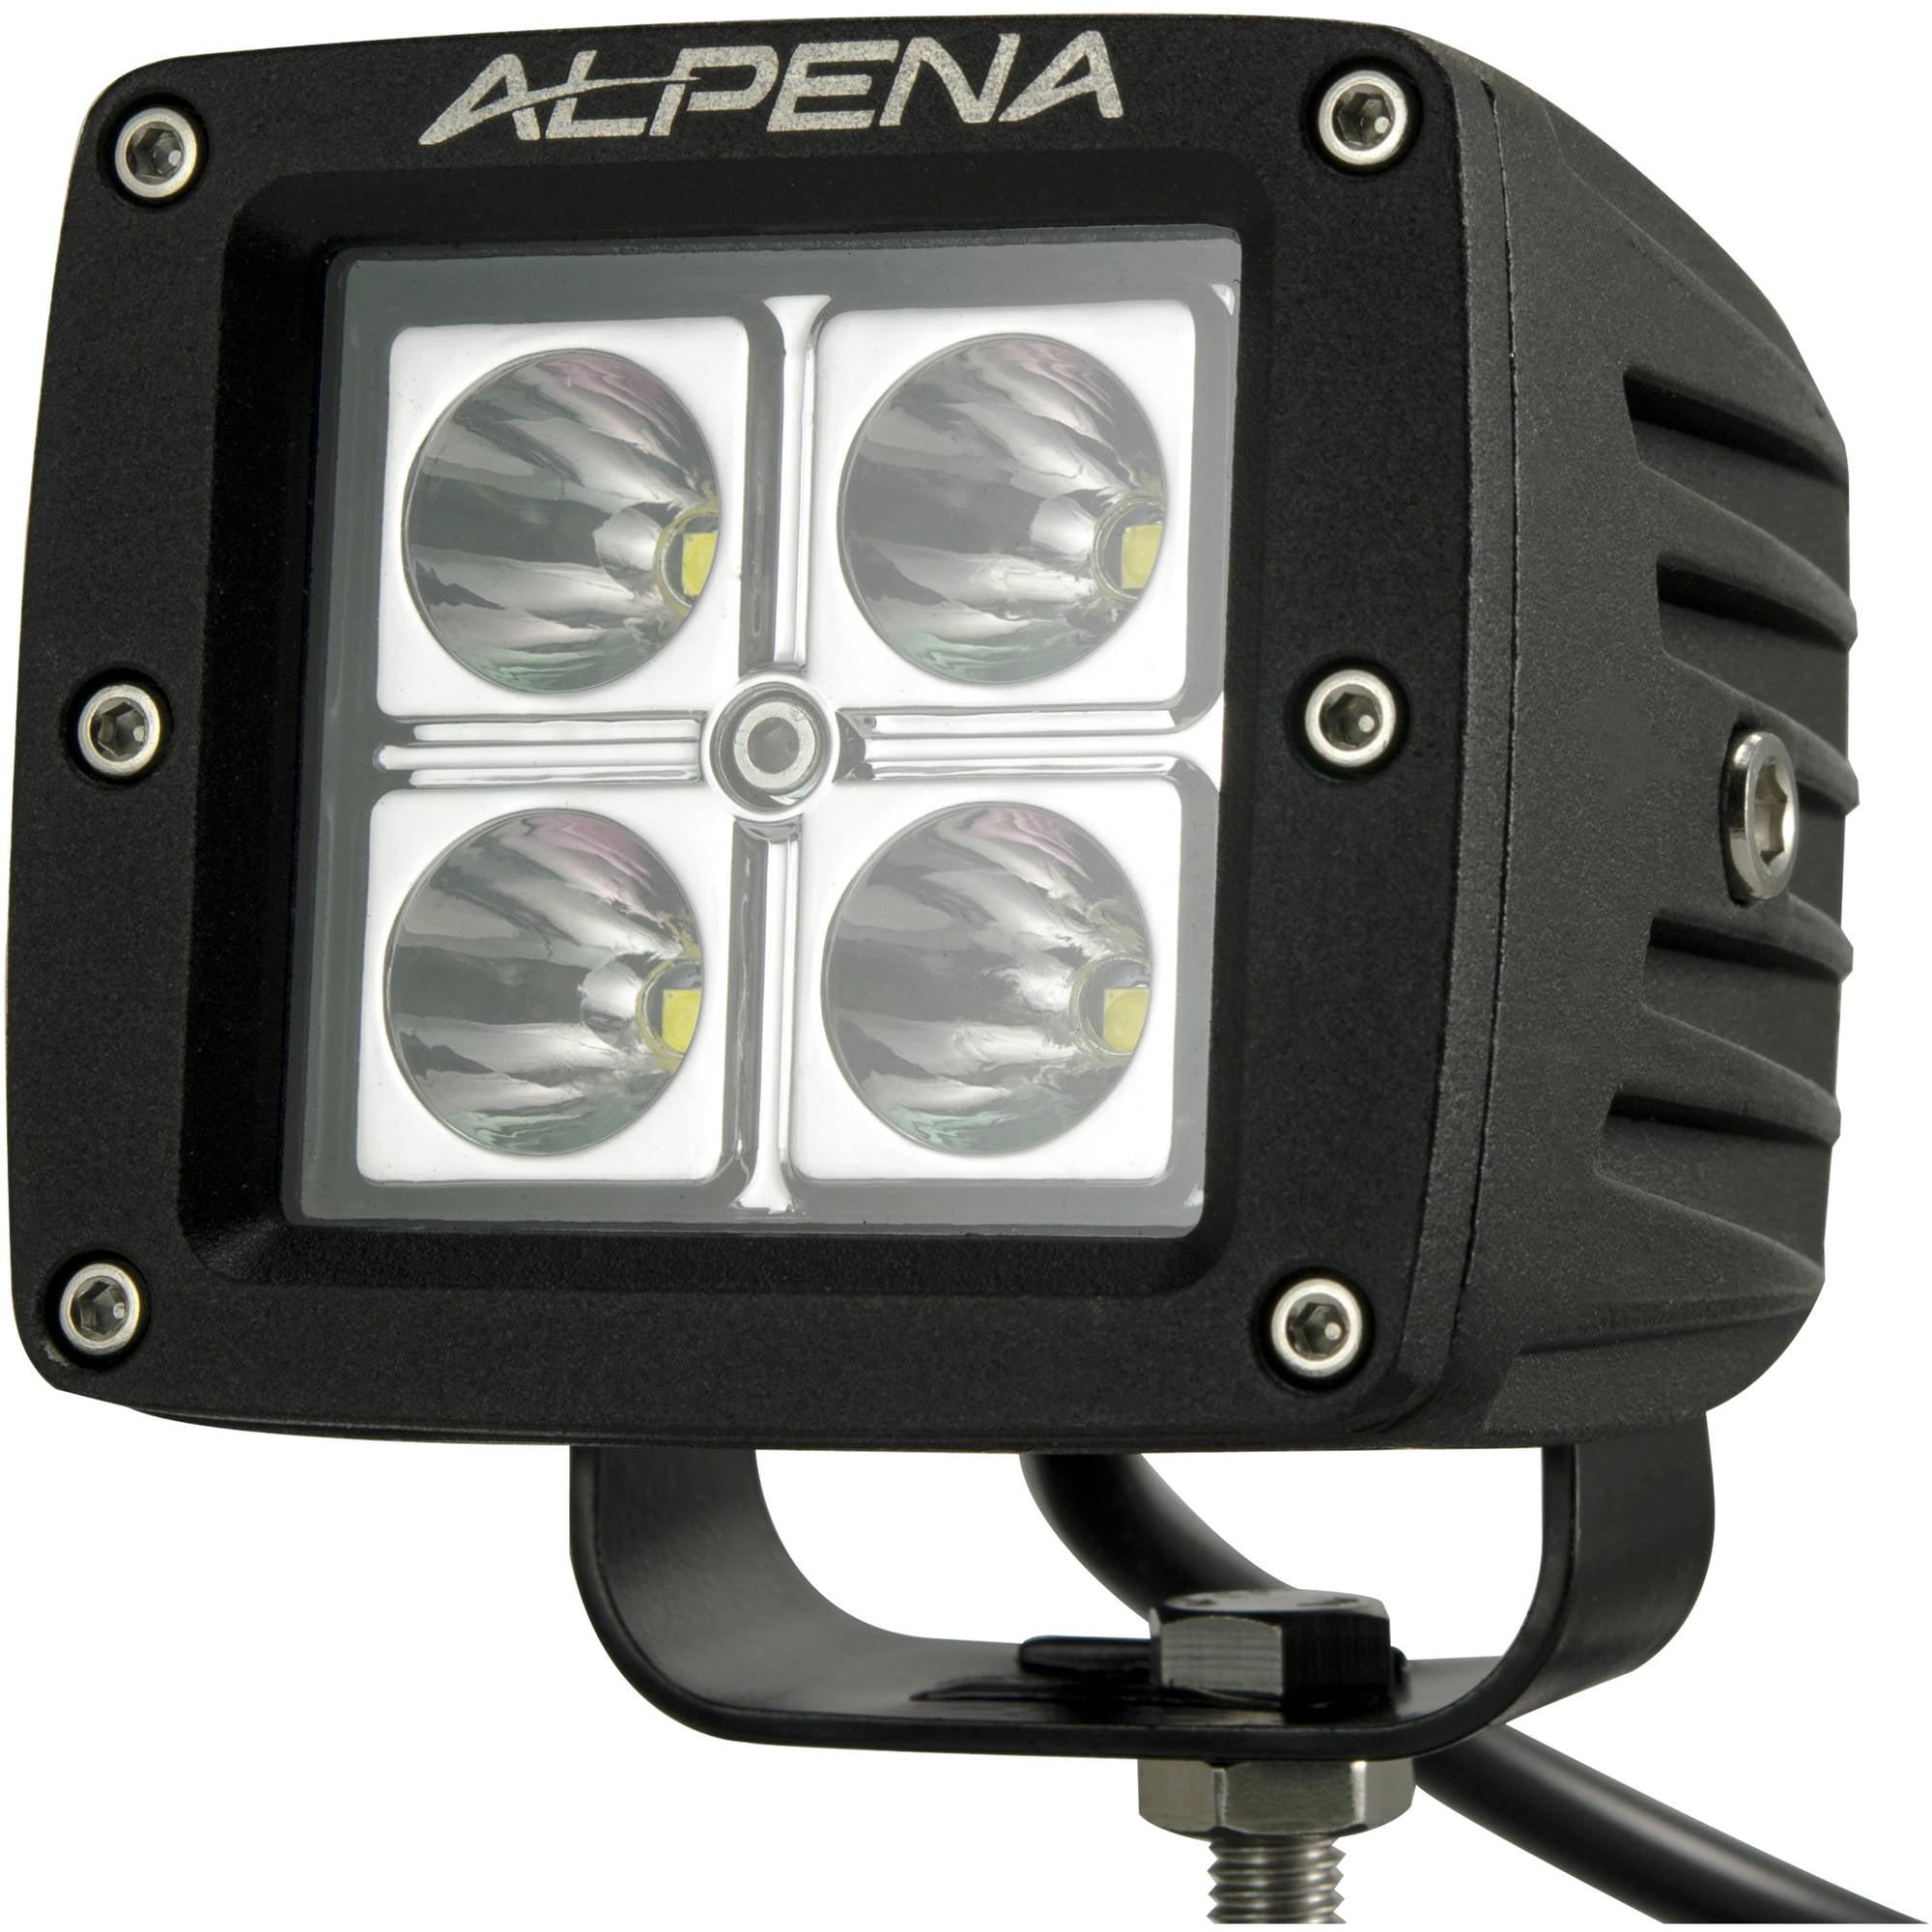 Alpena Vehicle Quadfire LED Pod Light, White